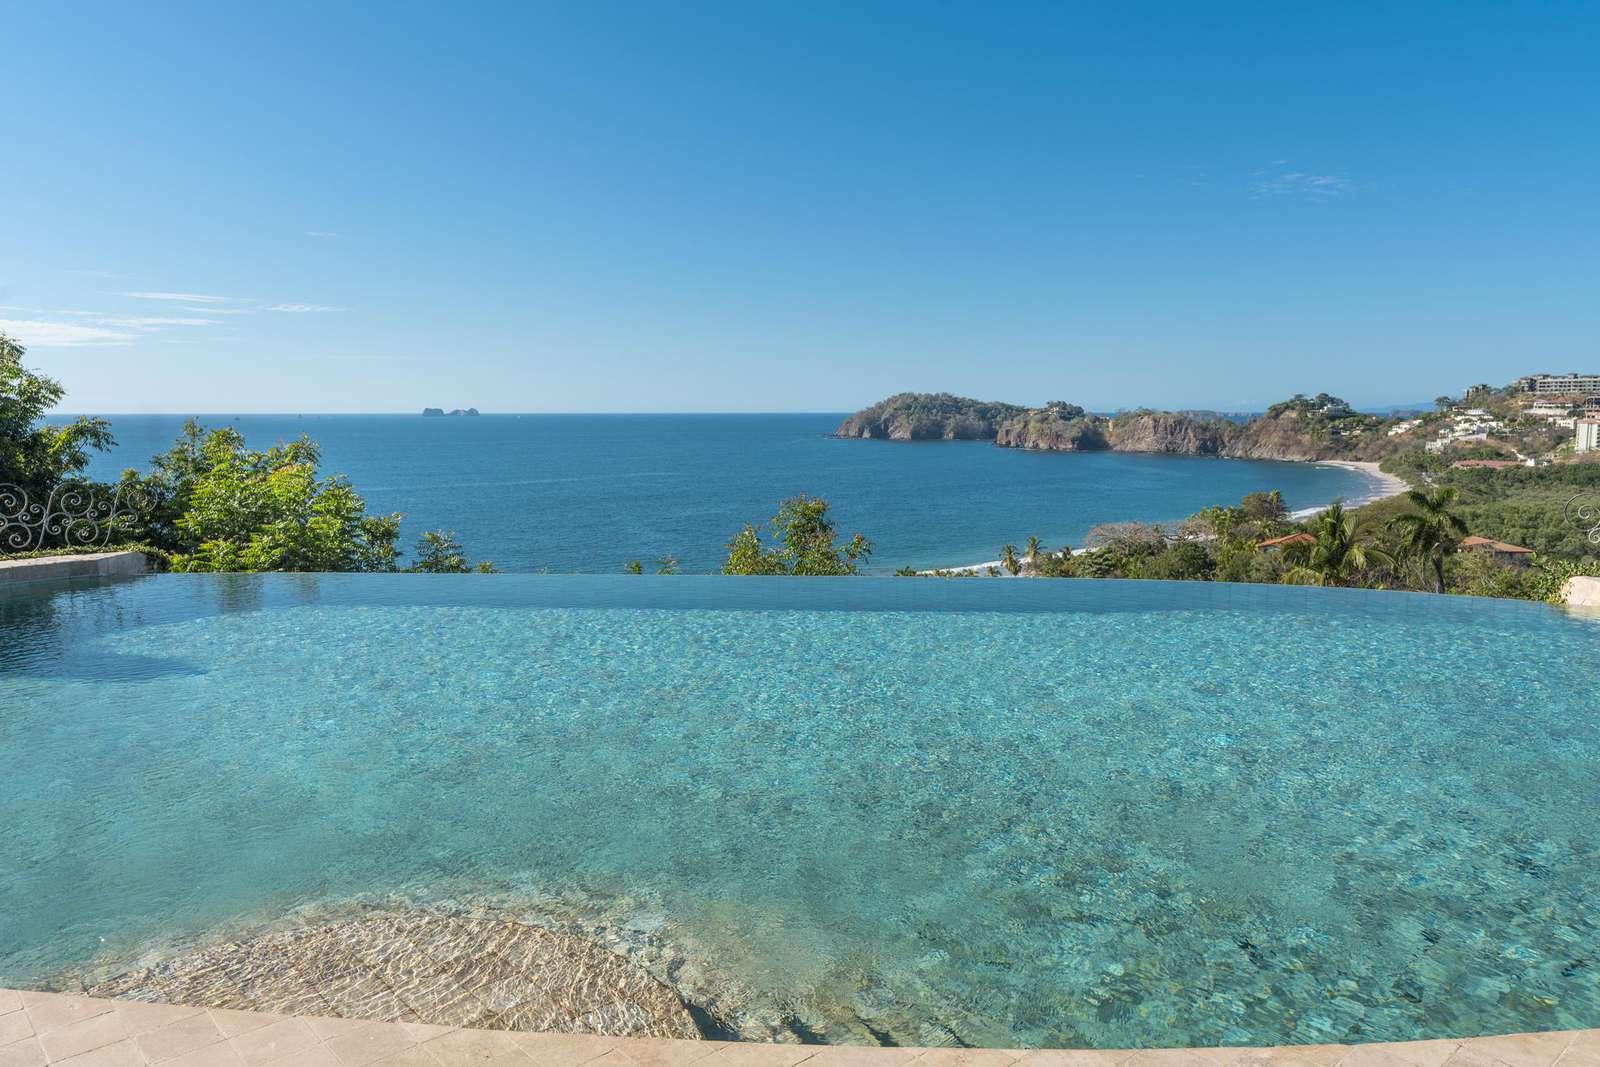 Million dollar ocean views from Casa de los Congos